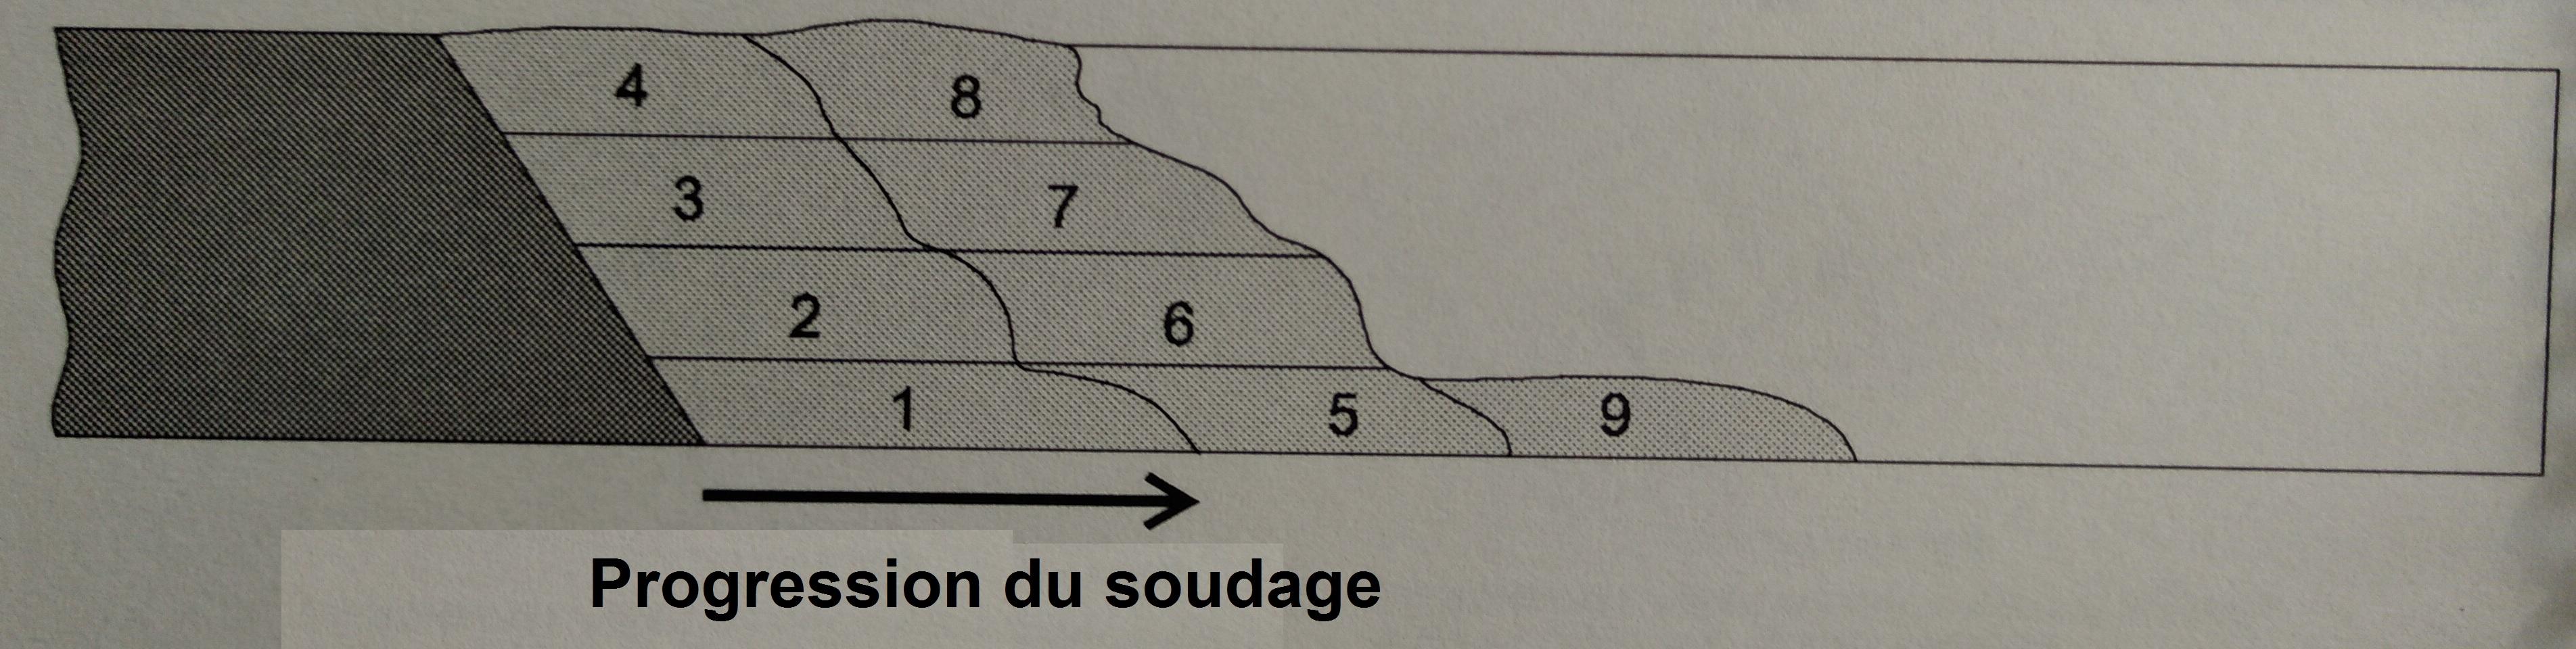 s7fr.jpg